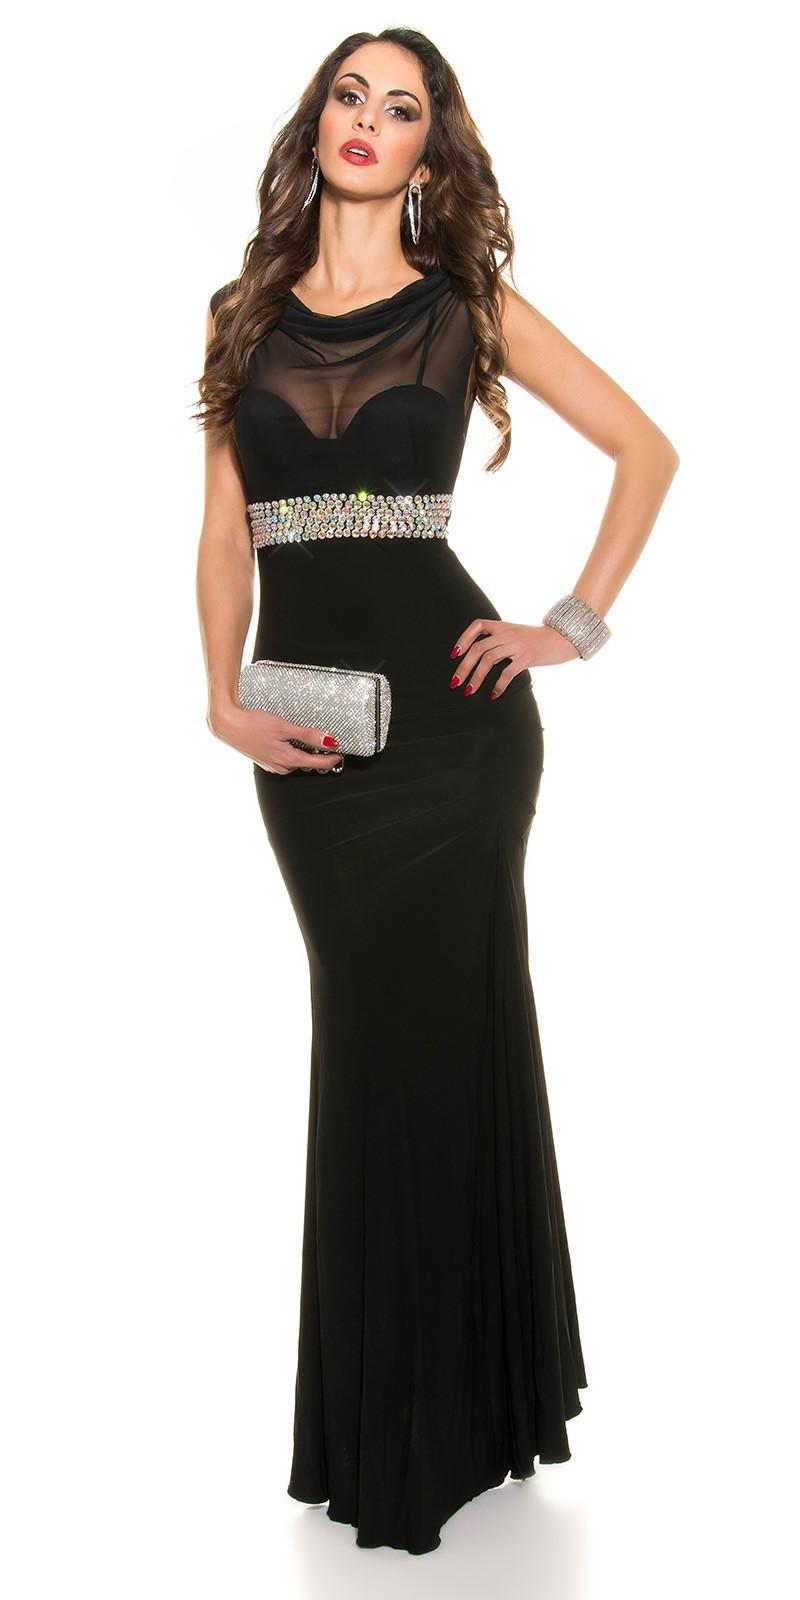 a89439250eba Koucla Plesové šaty s kamienkovým pásom - Glami.sk